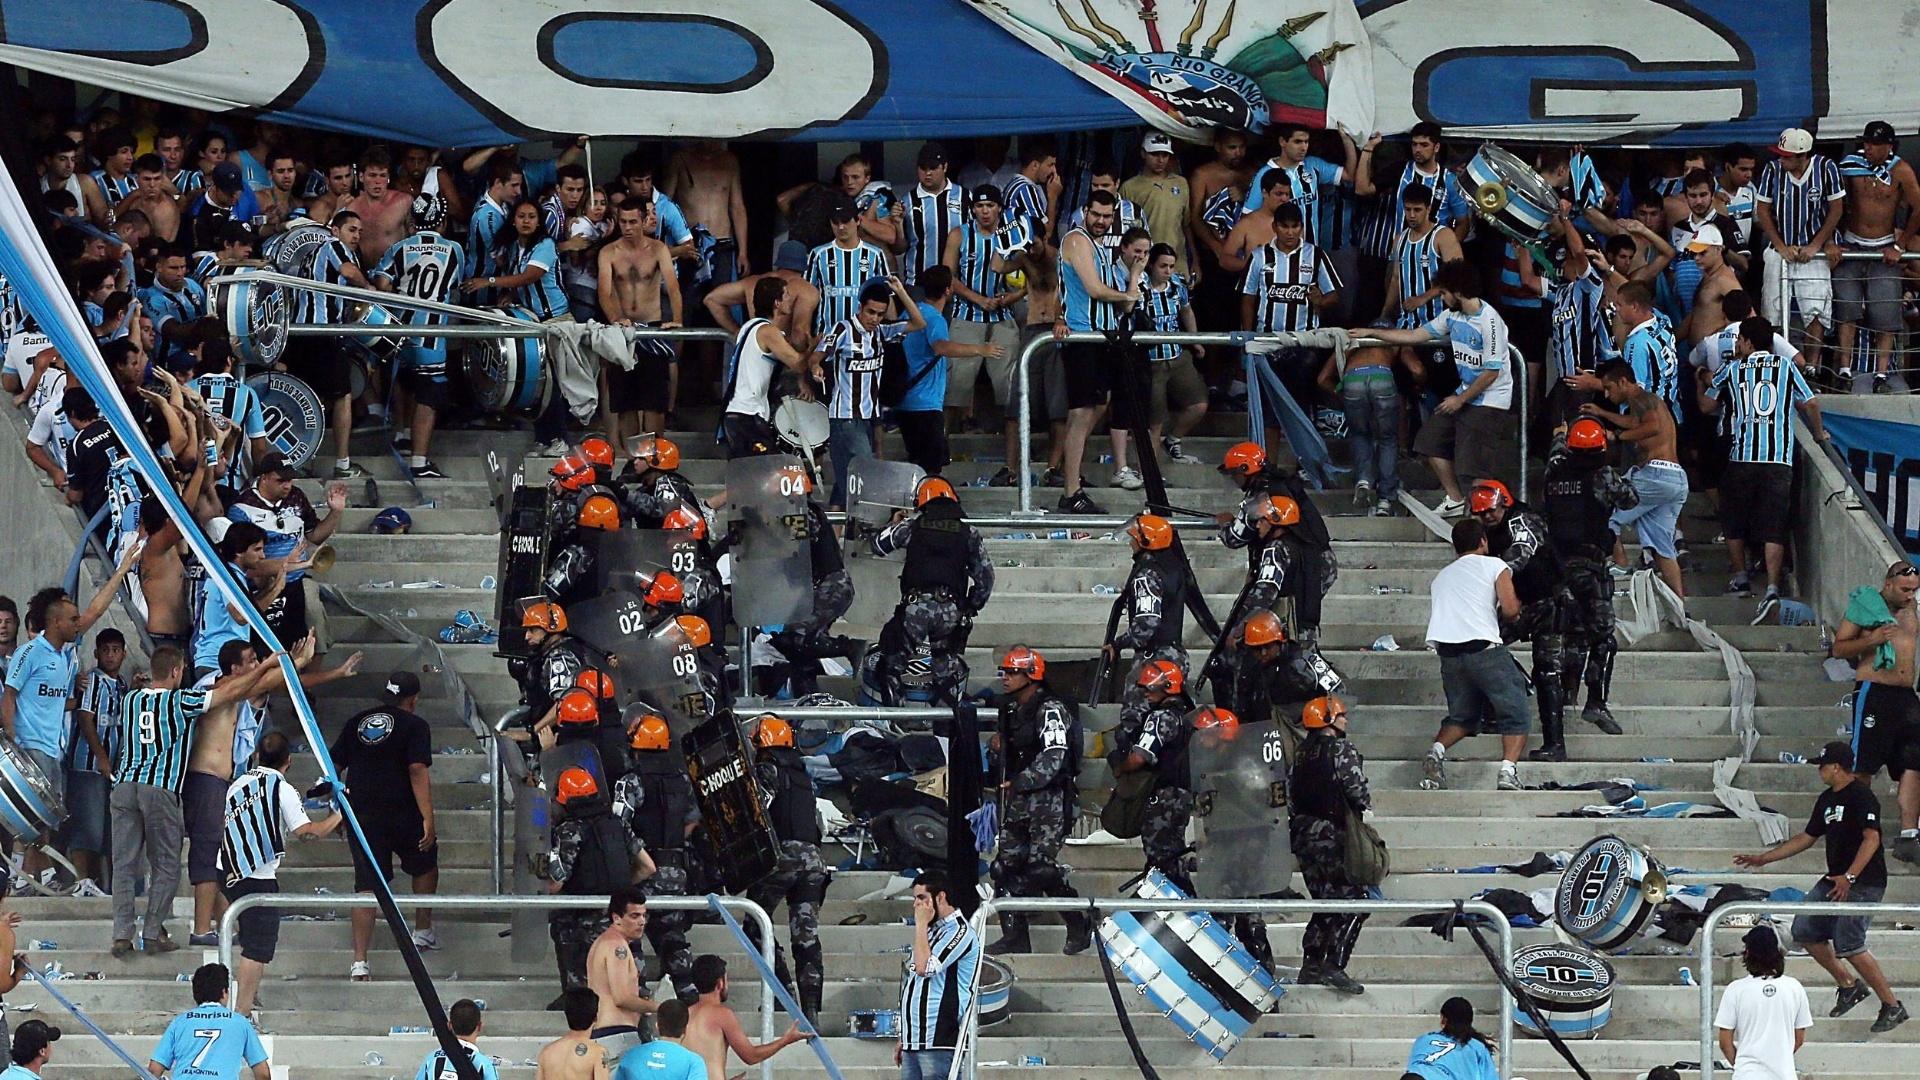 08.dez.2012 - Policiais agem para separar confusão durante a inauguração da Arena do Grêmio